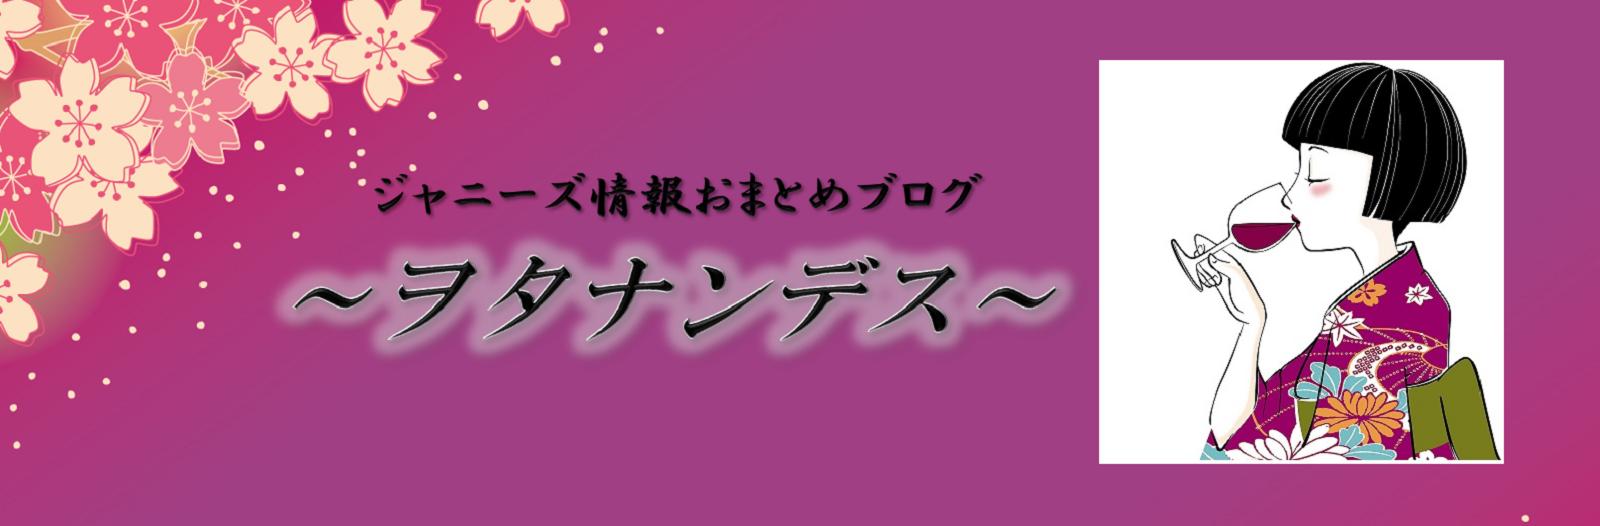 ジャニーズ情報おまとめブログ〜ヲタナンデス〜